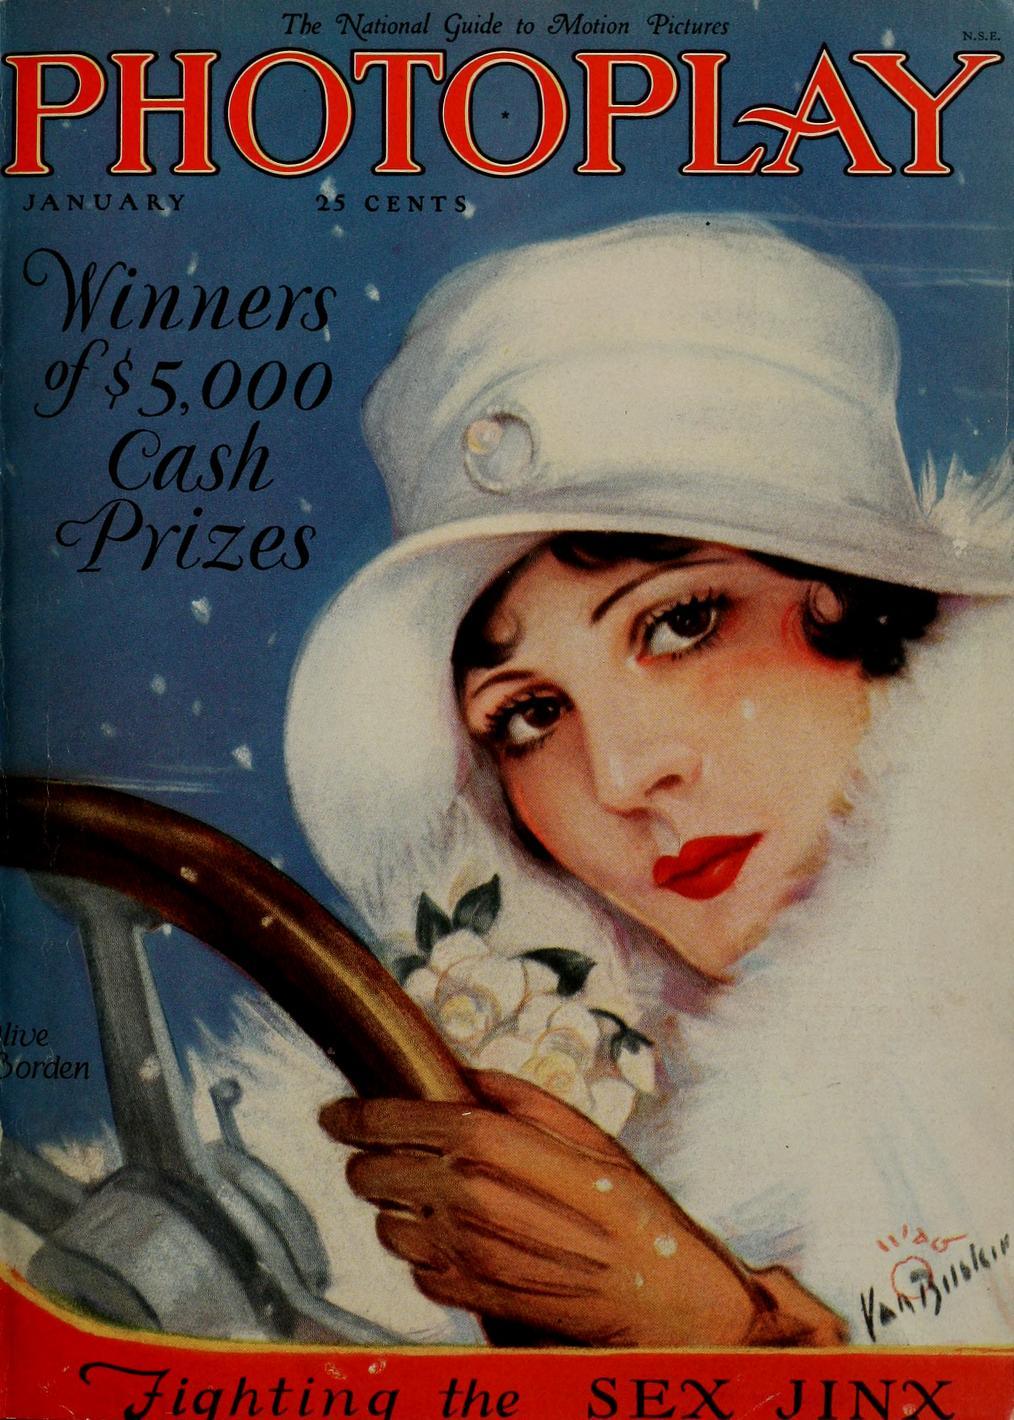 Capa da Photoplay, janeiro de 1927,